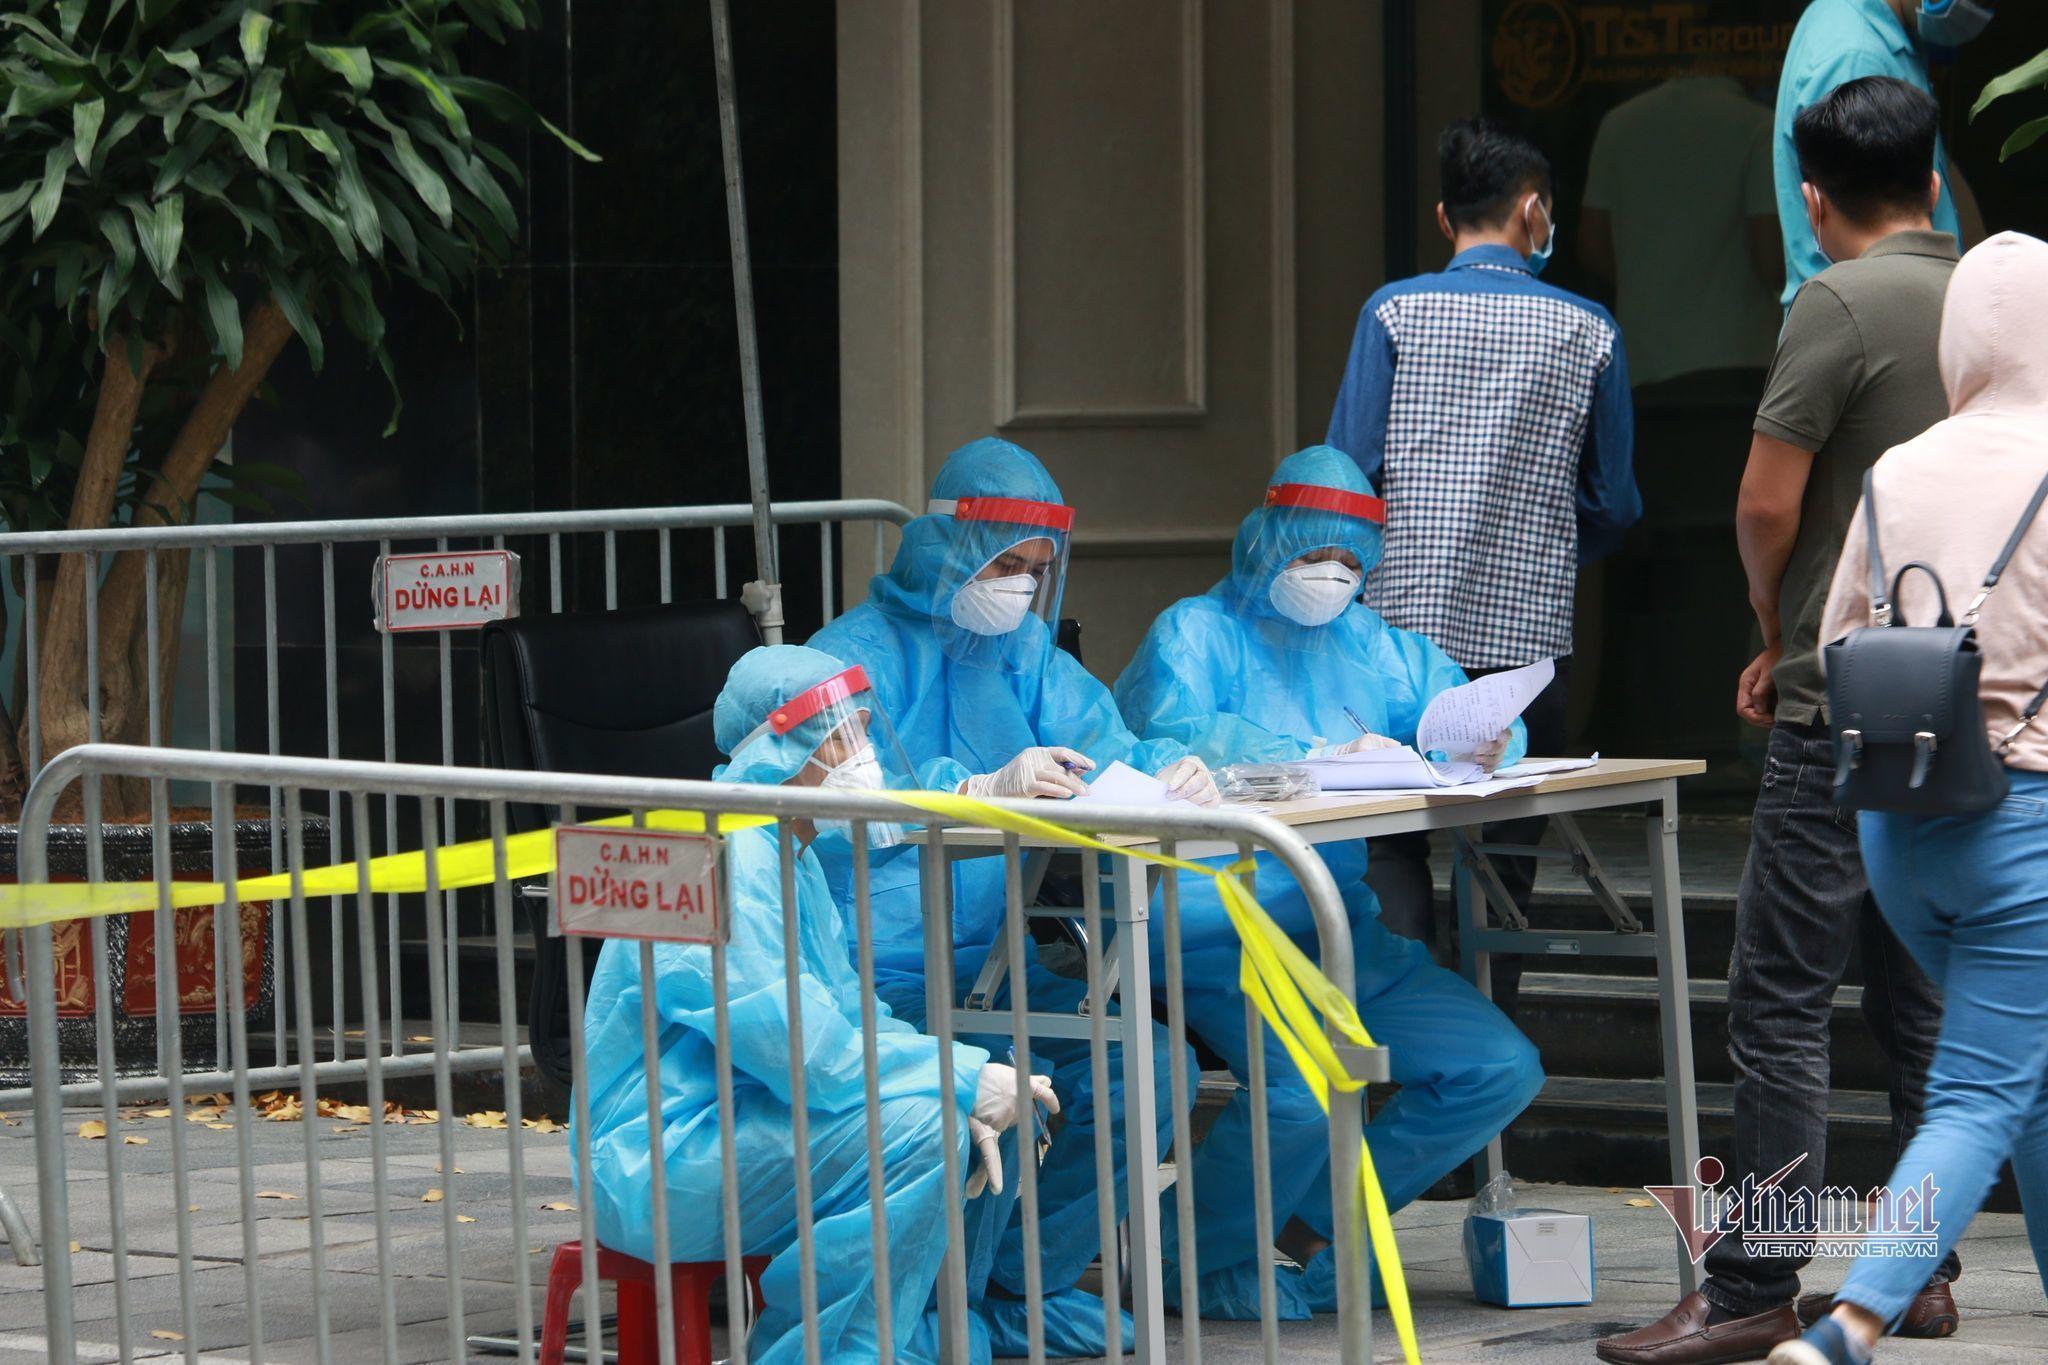 Phong tỏa trụ sở tập đoàn T&T, nhân viên nghỉ ở nhà do có ca Covid-19